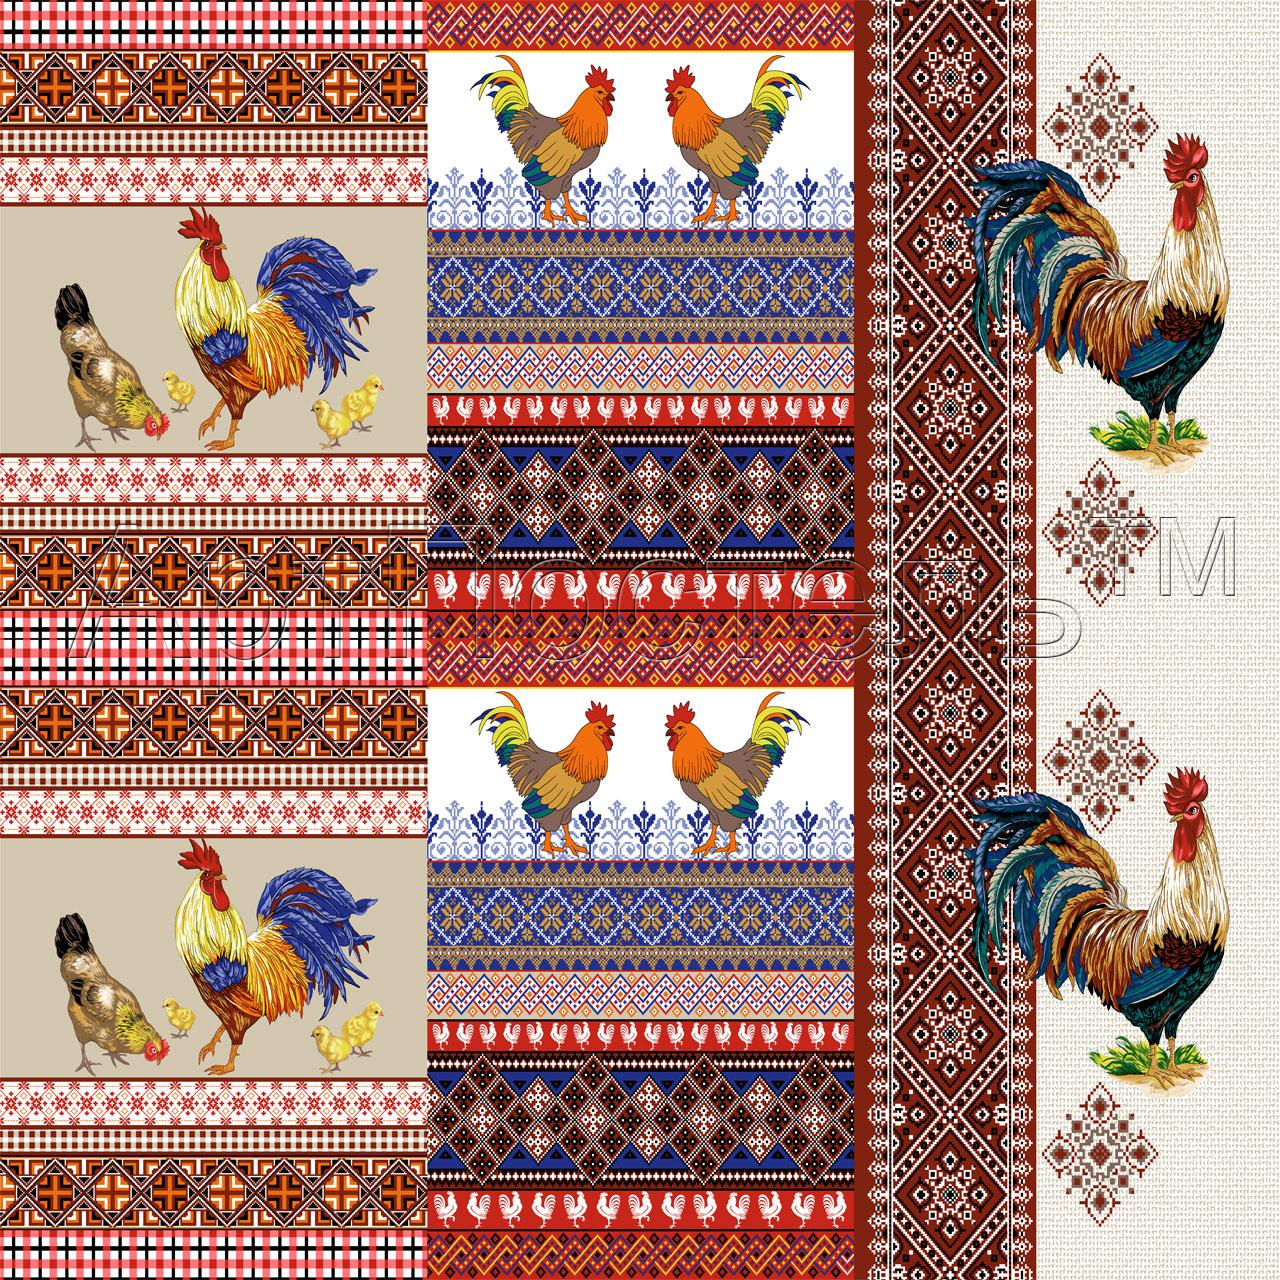 Набор полотенец Усадьба р. 45х60Вафельные полотенца<br>Плотность:160 г/кв. м<br><br>Тип: Набор полотенец<br>Размер: 45х60<br>Материал: Вафельное полотно